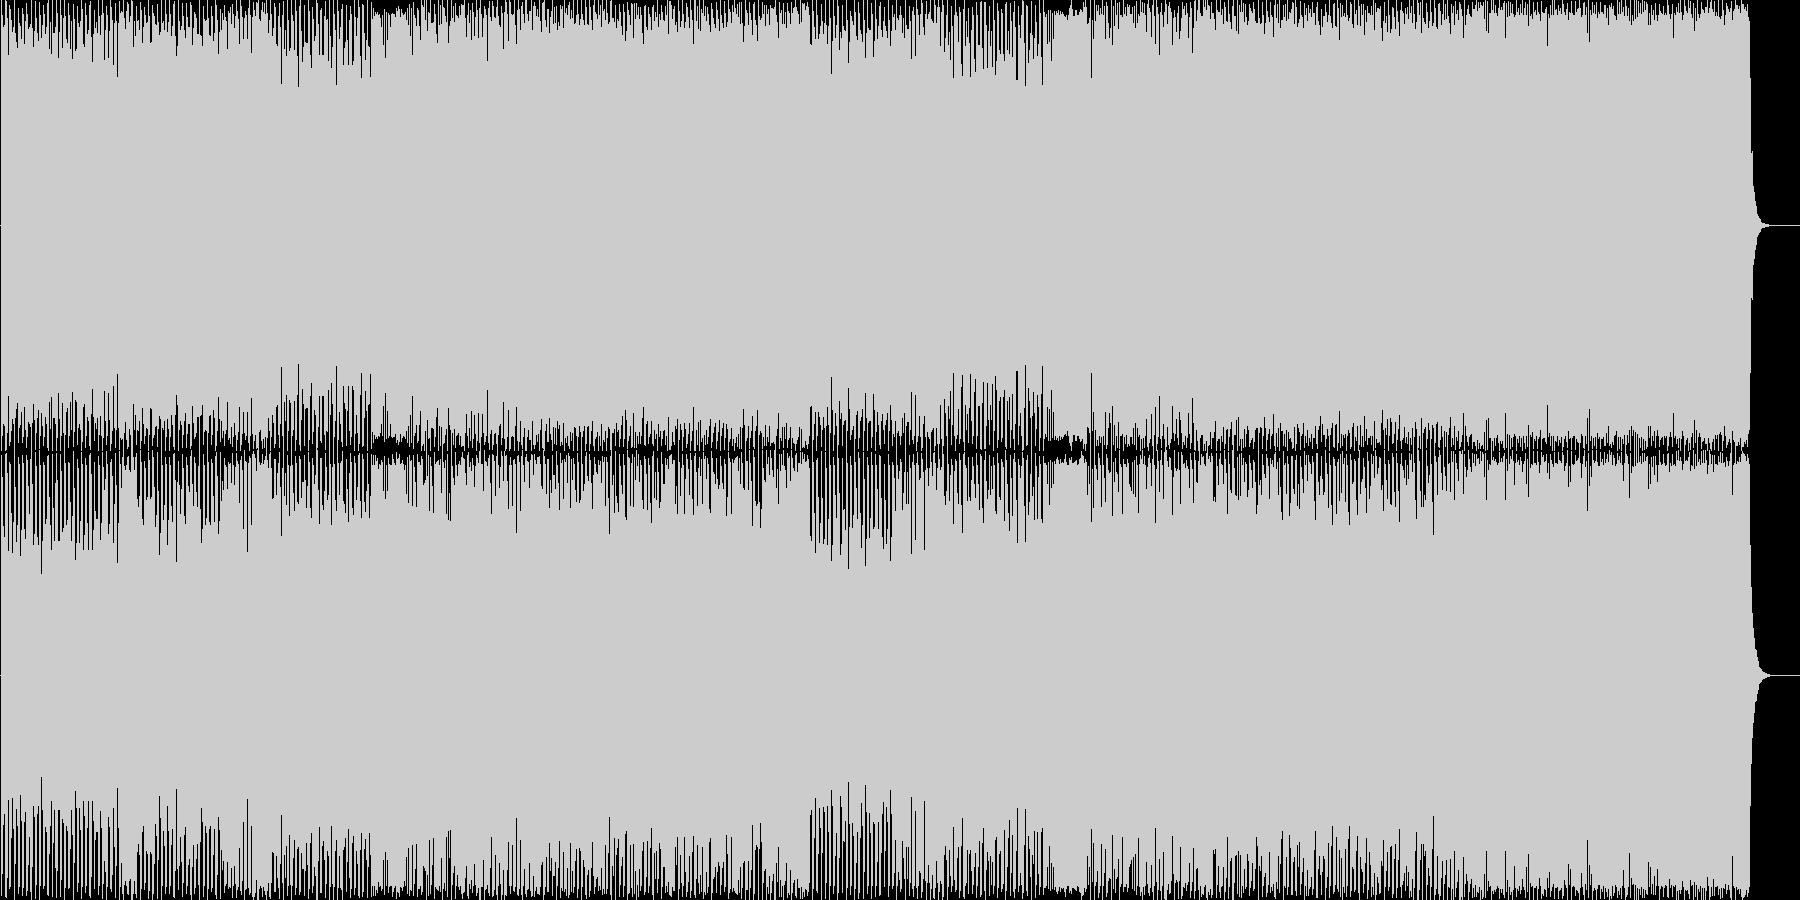 海外風/EDM/パーティー/動画向き#3の未再生の波形